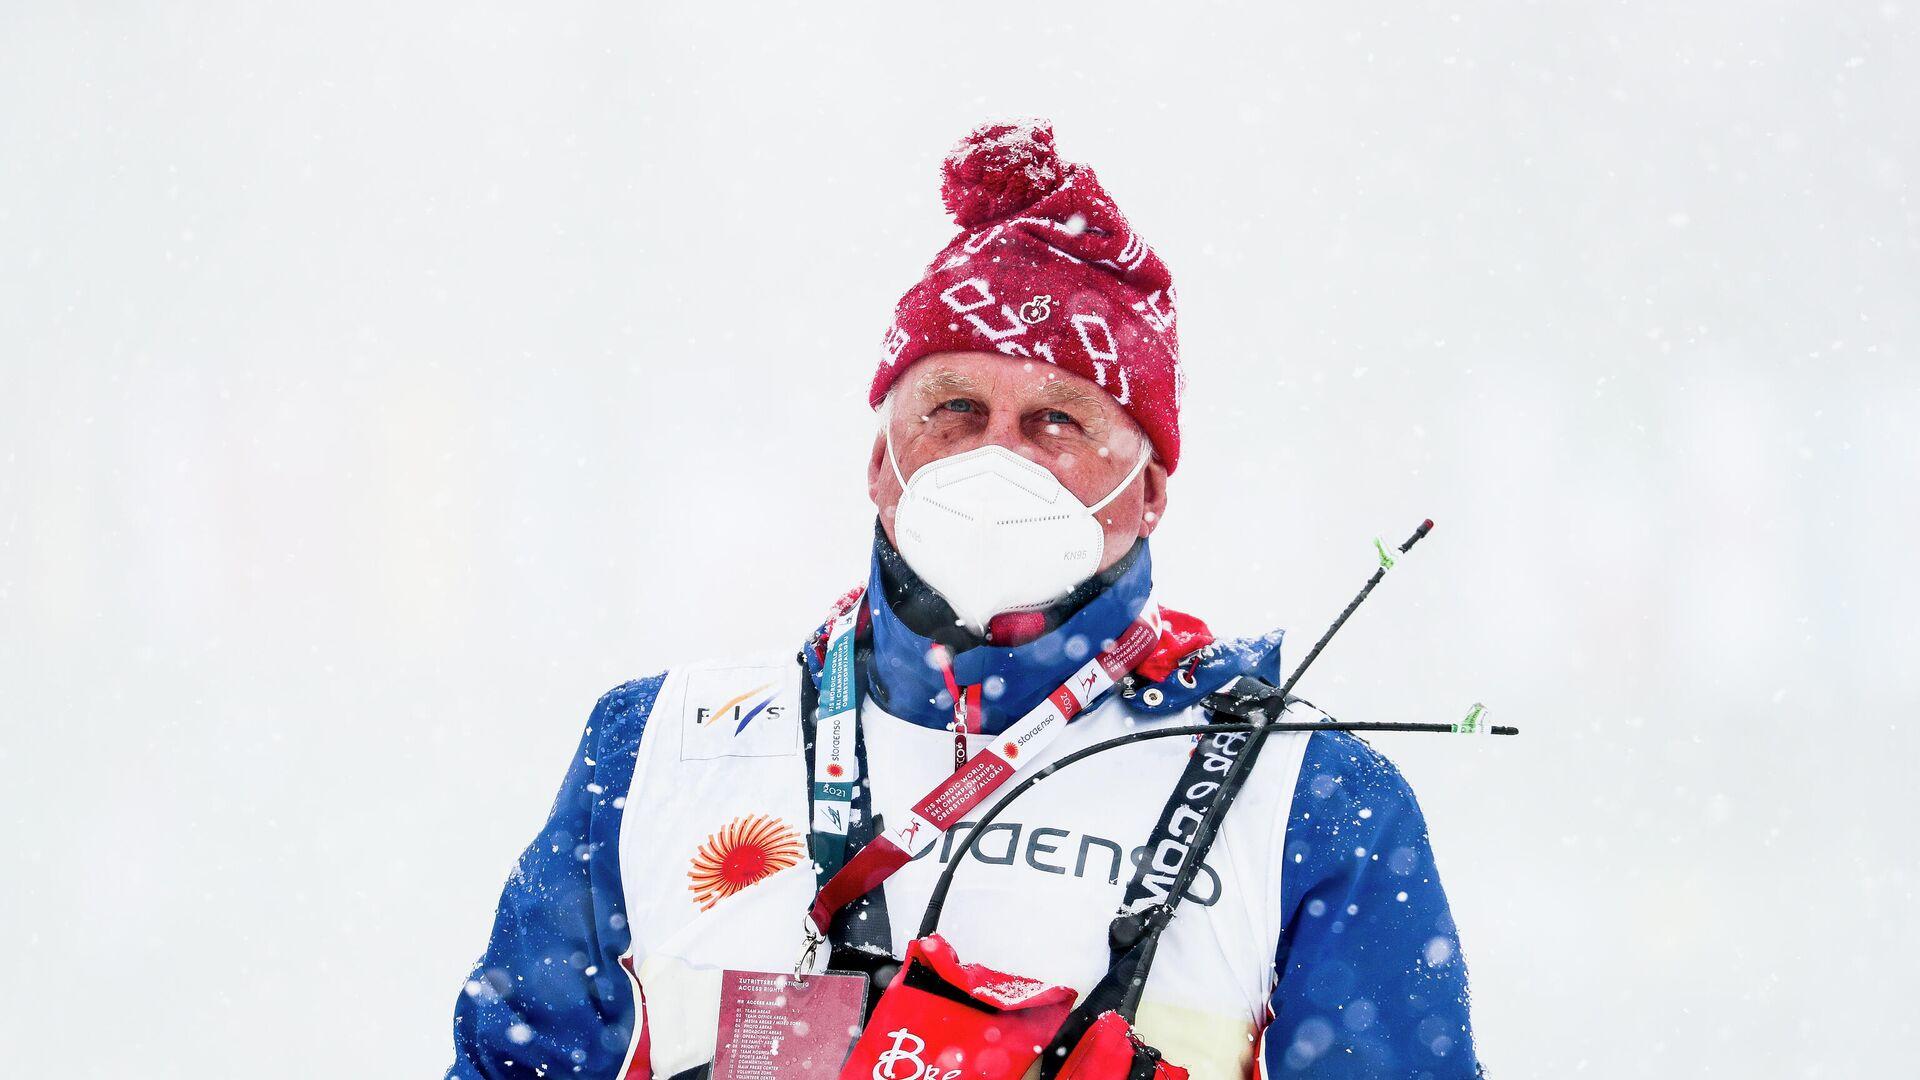 Бородавко: в новых правилах FIS сняла с себя ответственность, переложив все на спортсменов